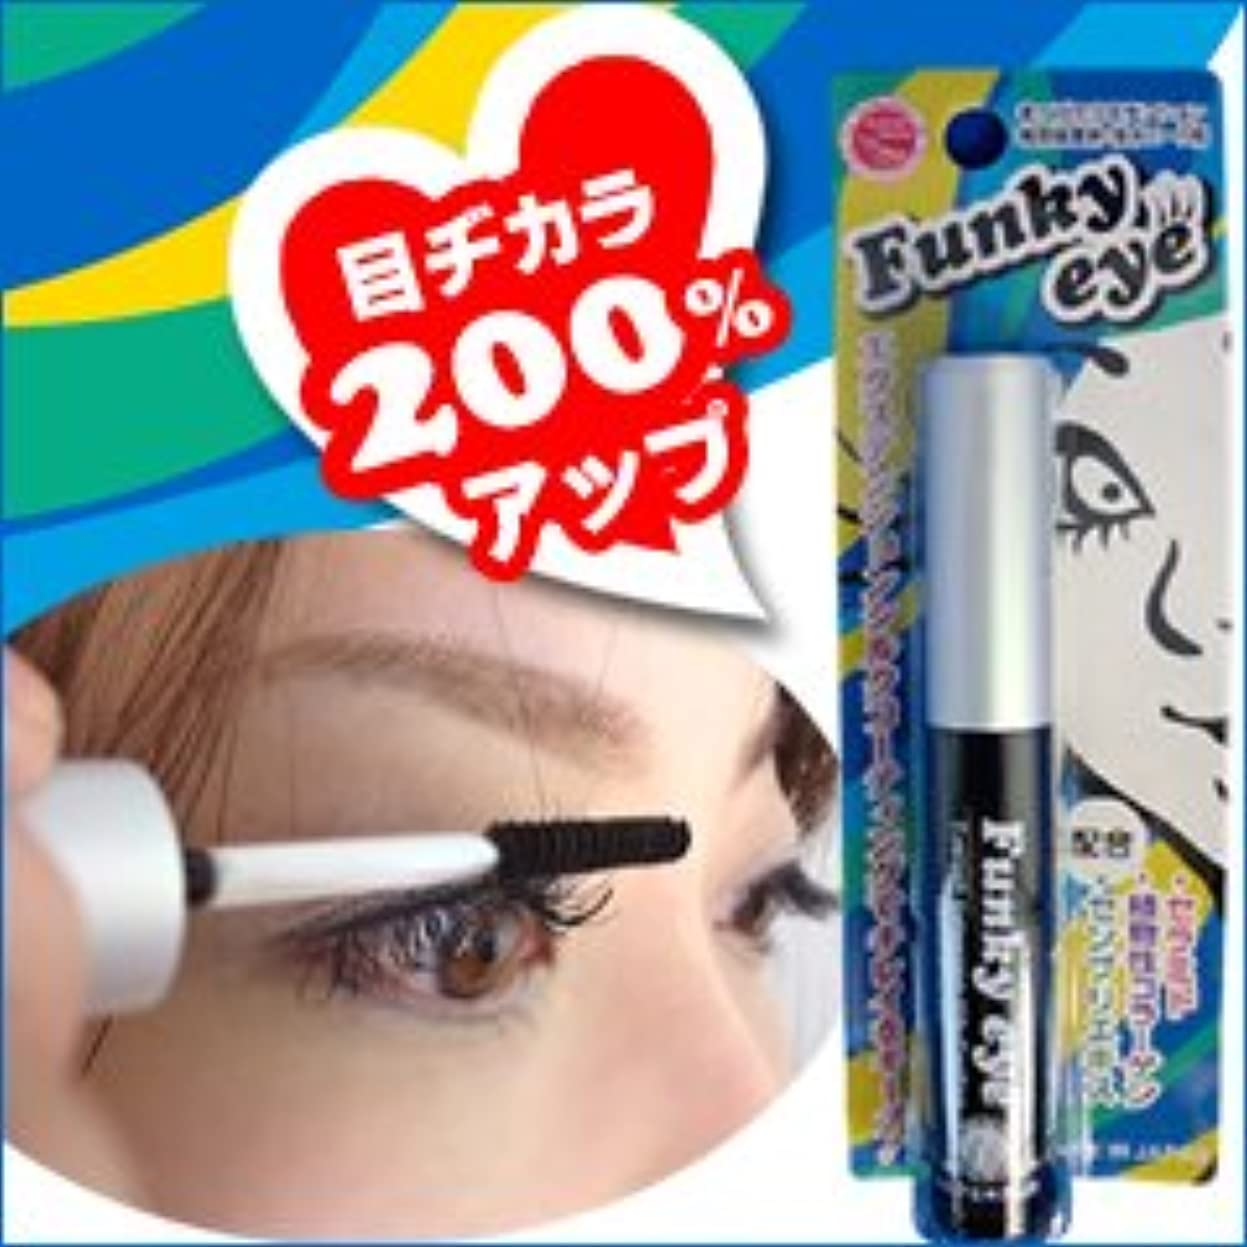 厄介な系譜恋人Funky eye マスカラコートEX〈コーティング剤〉